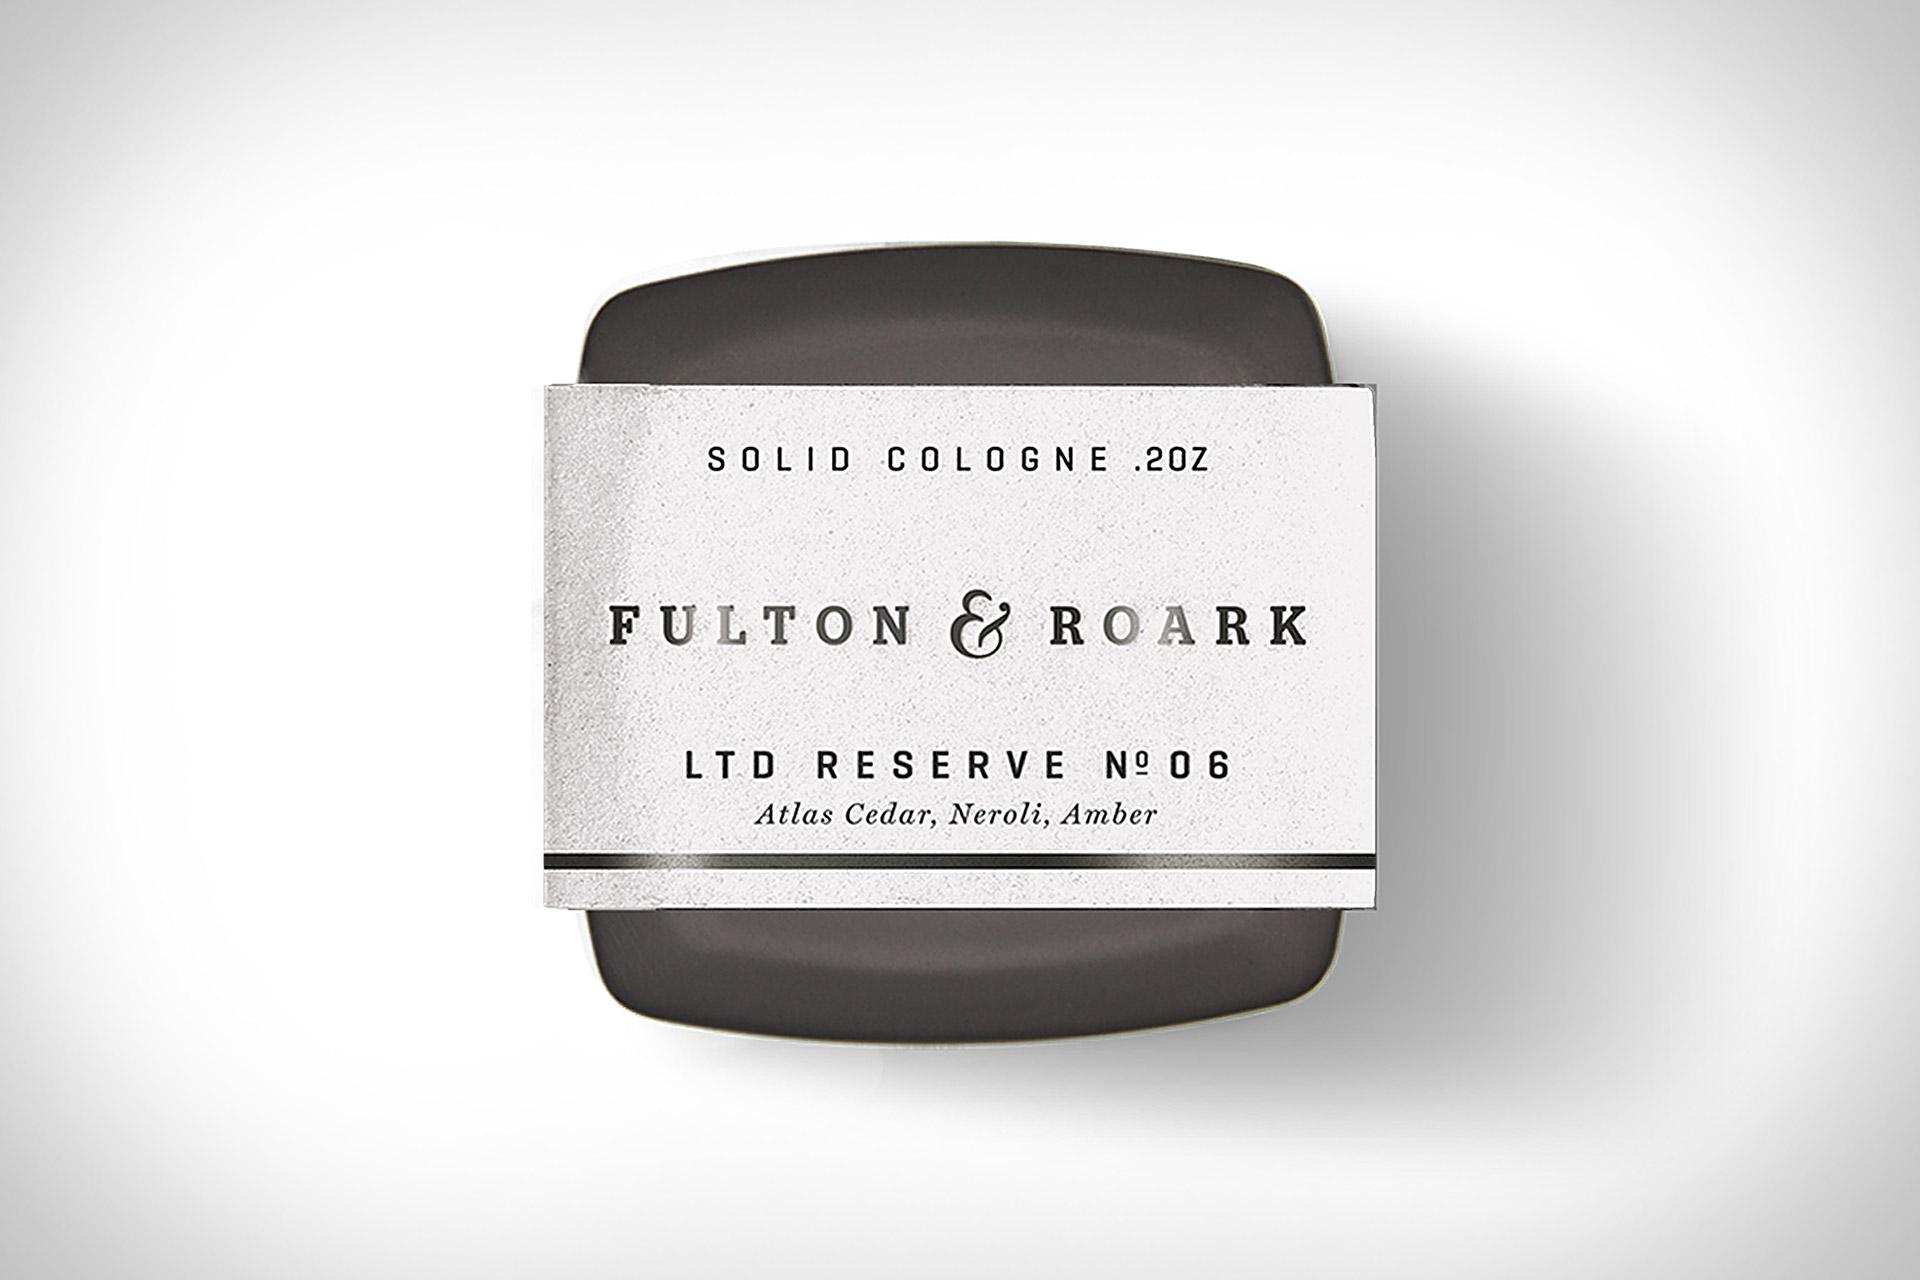 Fulton & Roark Perpetua Cologne